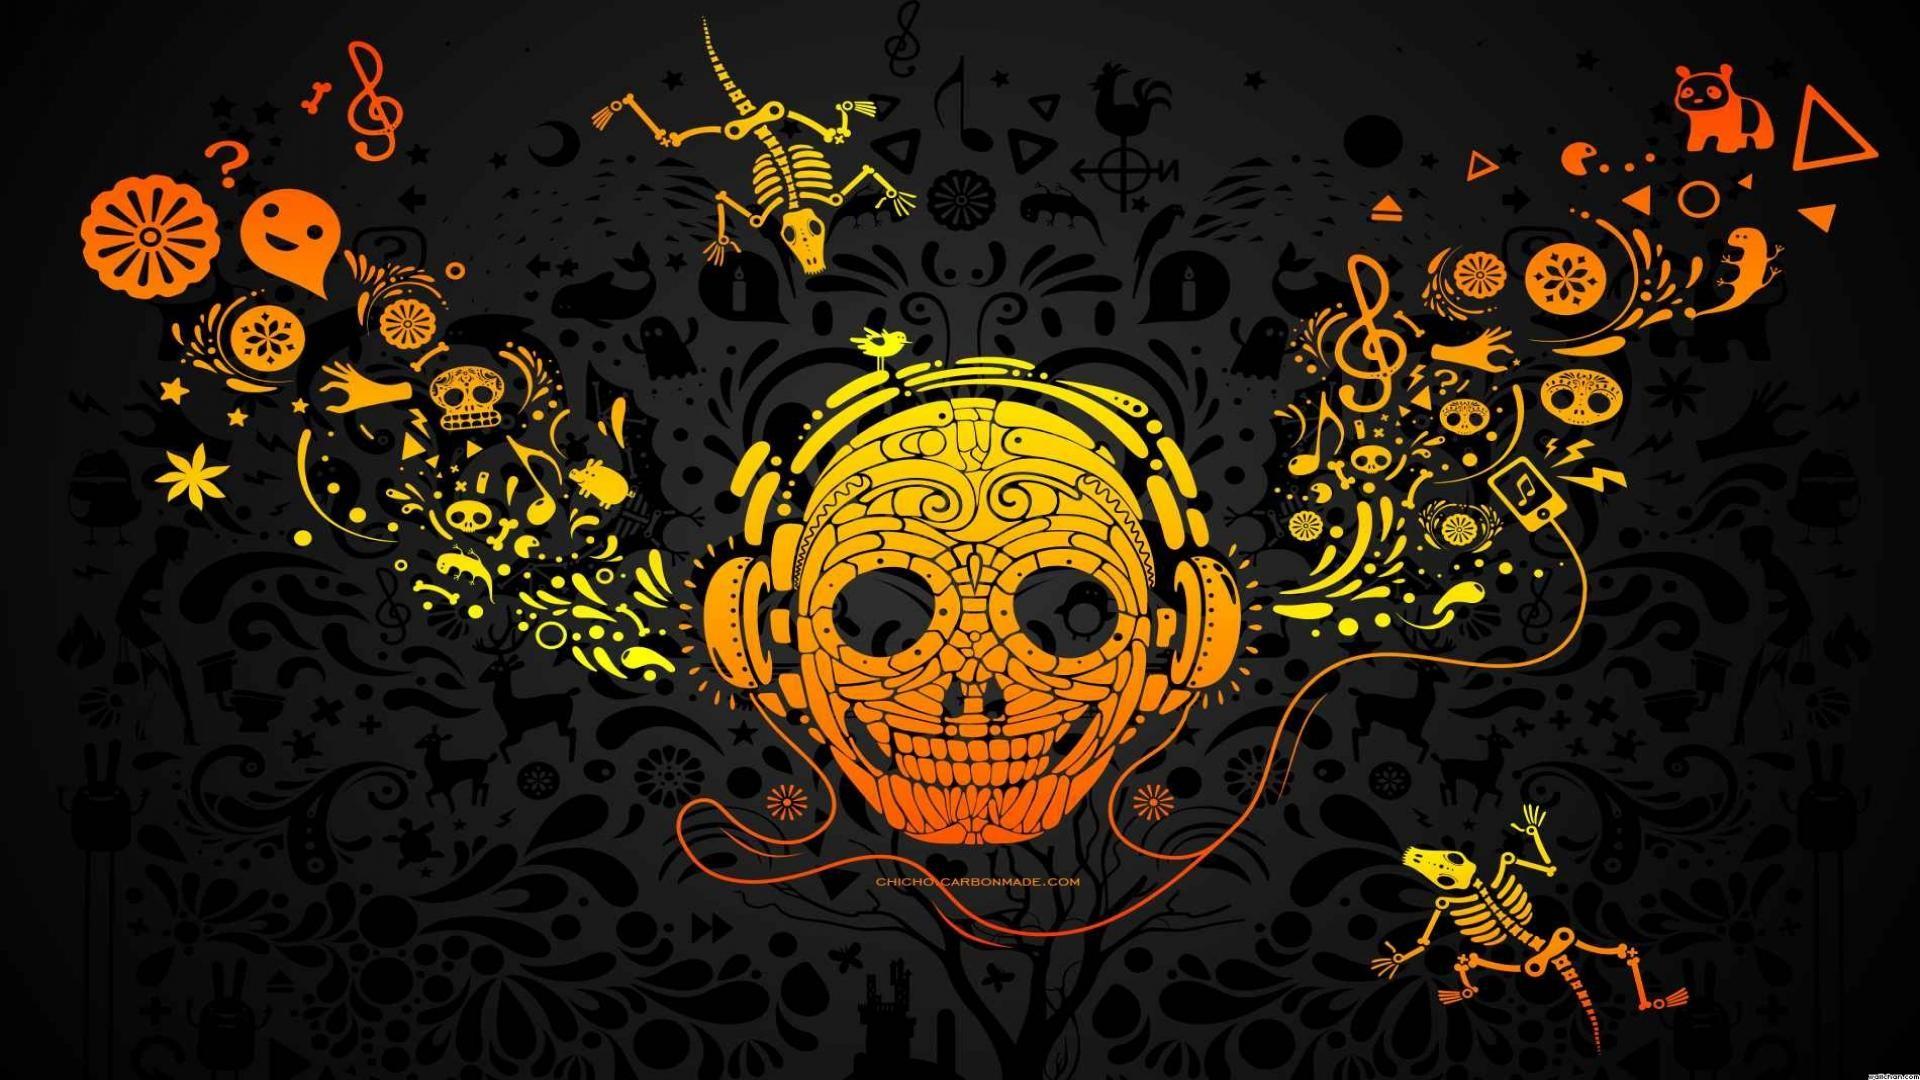 Simple Wallpaper Halloween Skull - illustration-Halloween-music-cartoon-pattern-skull-DJ-design-computer-wallpaper-font-album-cover-192109  Trends_423487.jpg